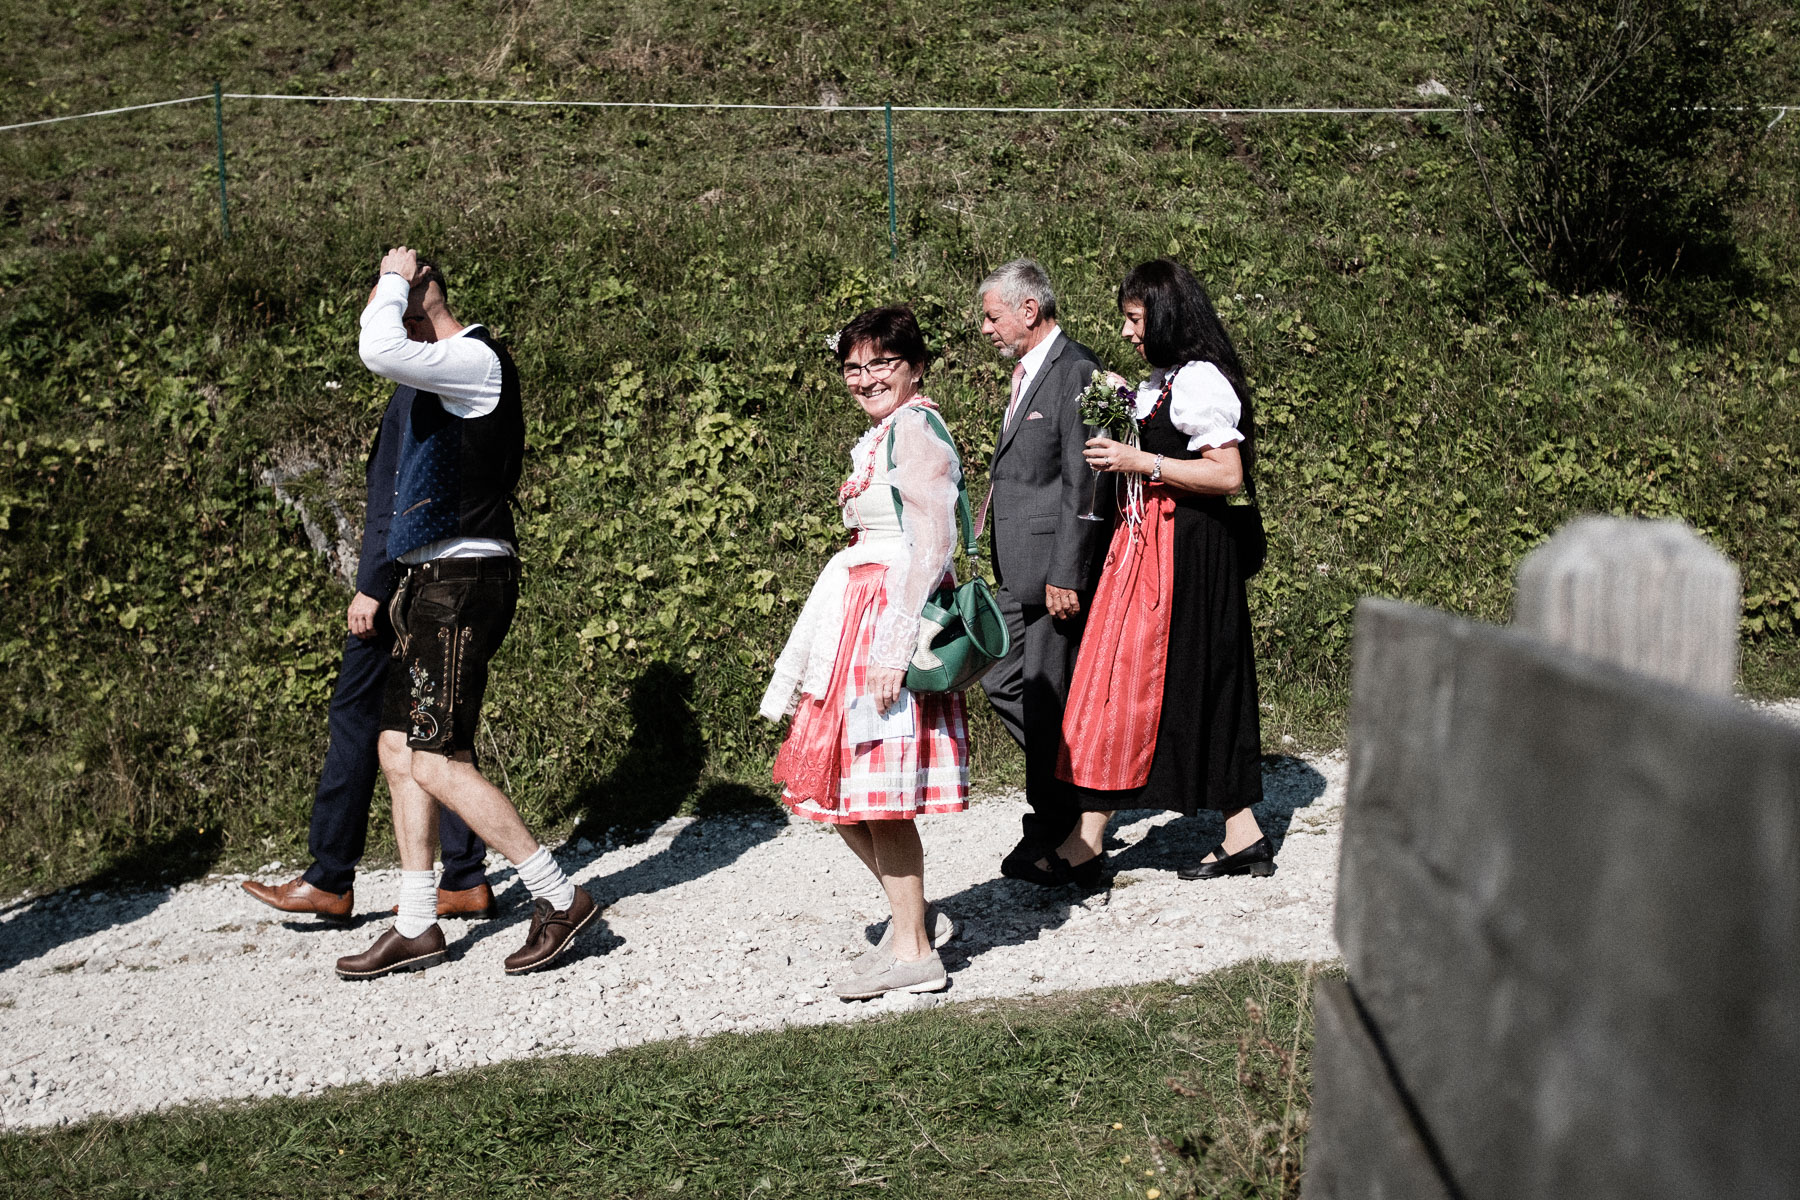 MartinLiebl_Hochzeitsfotograf_DPH_Blog_55.jpg